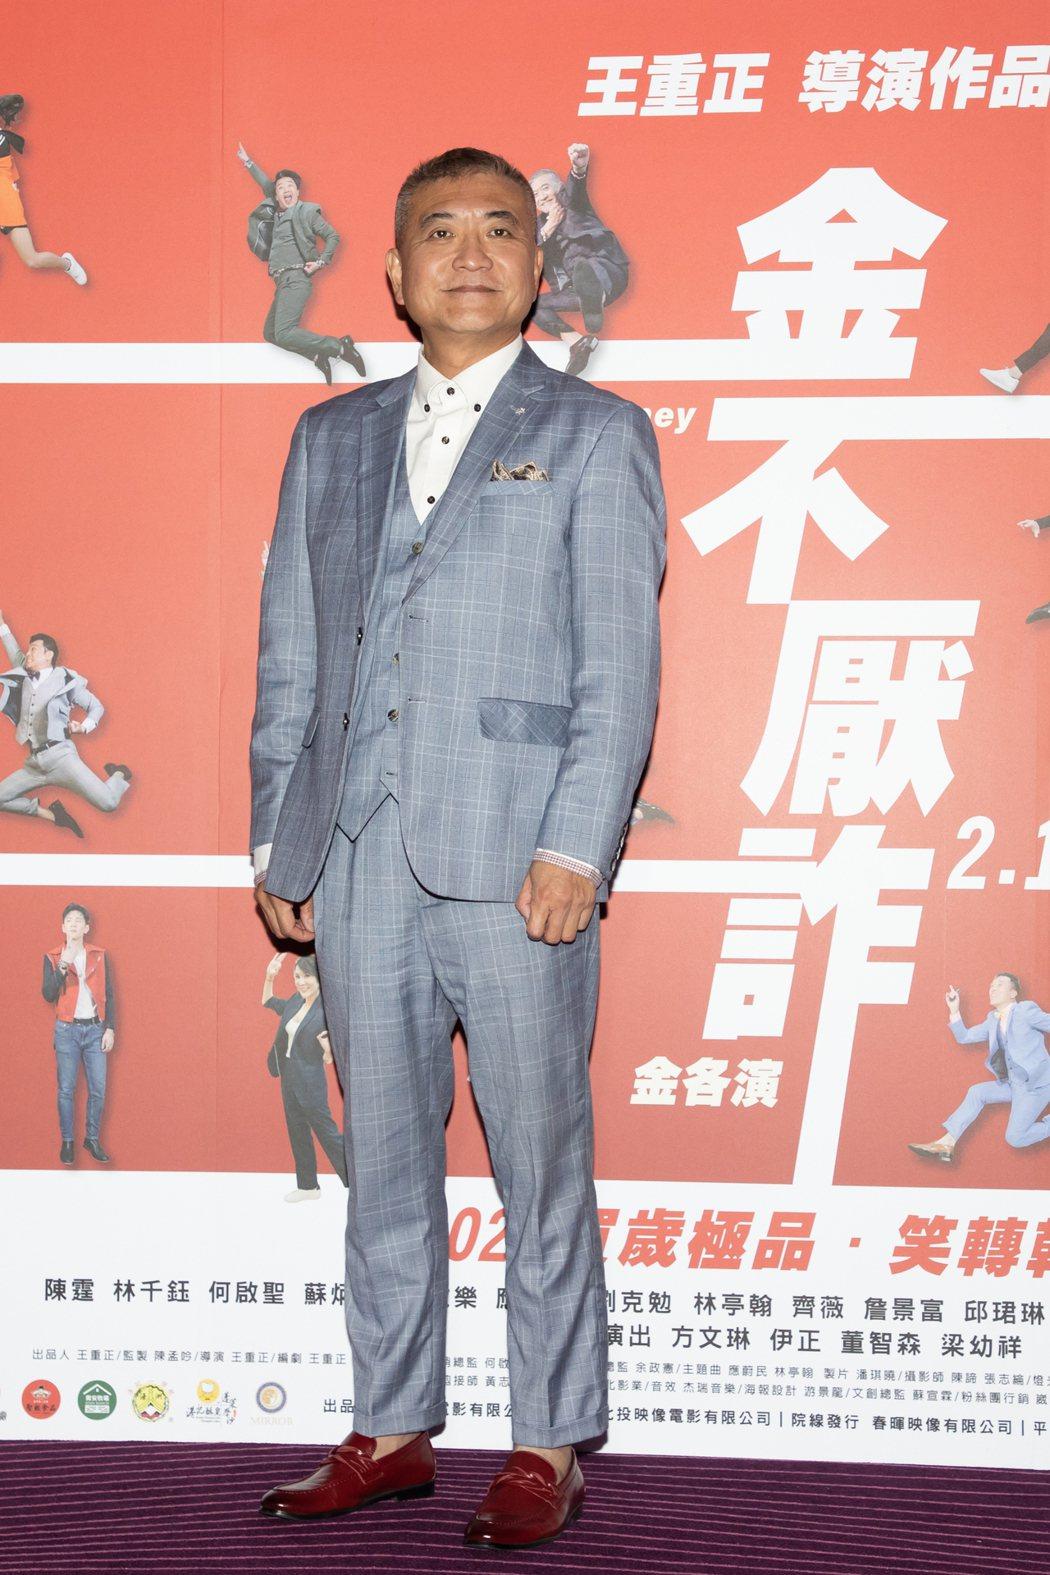 何啟聖出席「金不厭詐」電影首映會暨記者會。記者季相儒/攝影